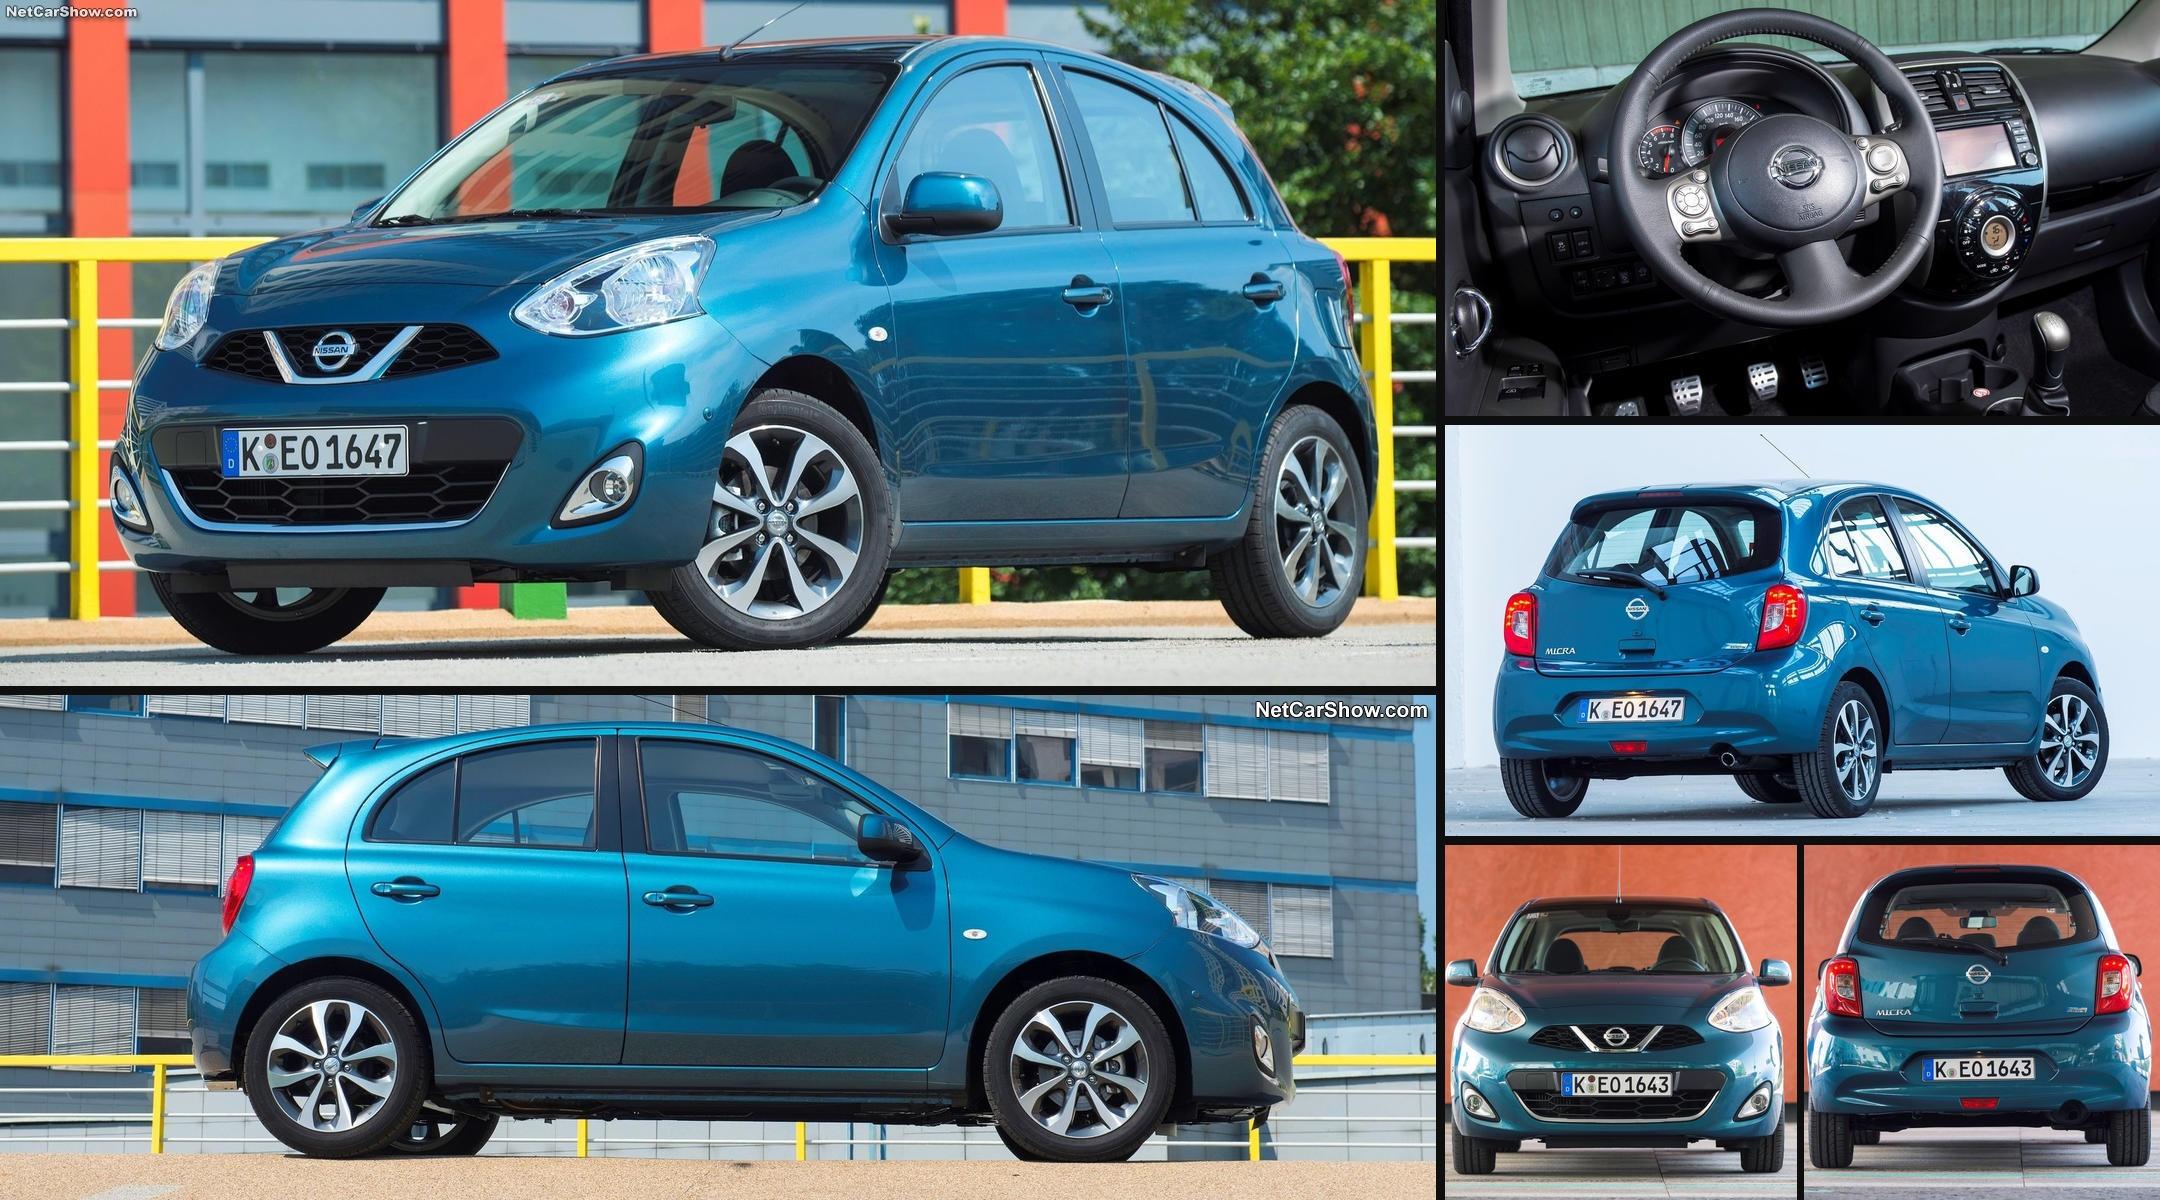 2010 2014 nissan micra k13 oem service repair manual rh sellfy com Manuals Nissan Originaservice 96 Nissan Pickup Service Manual